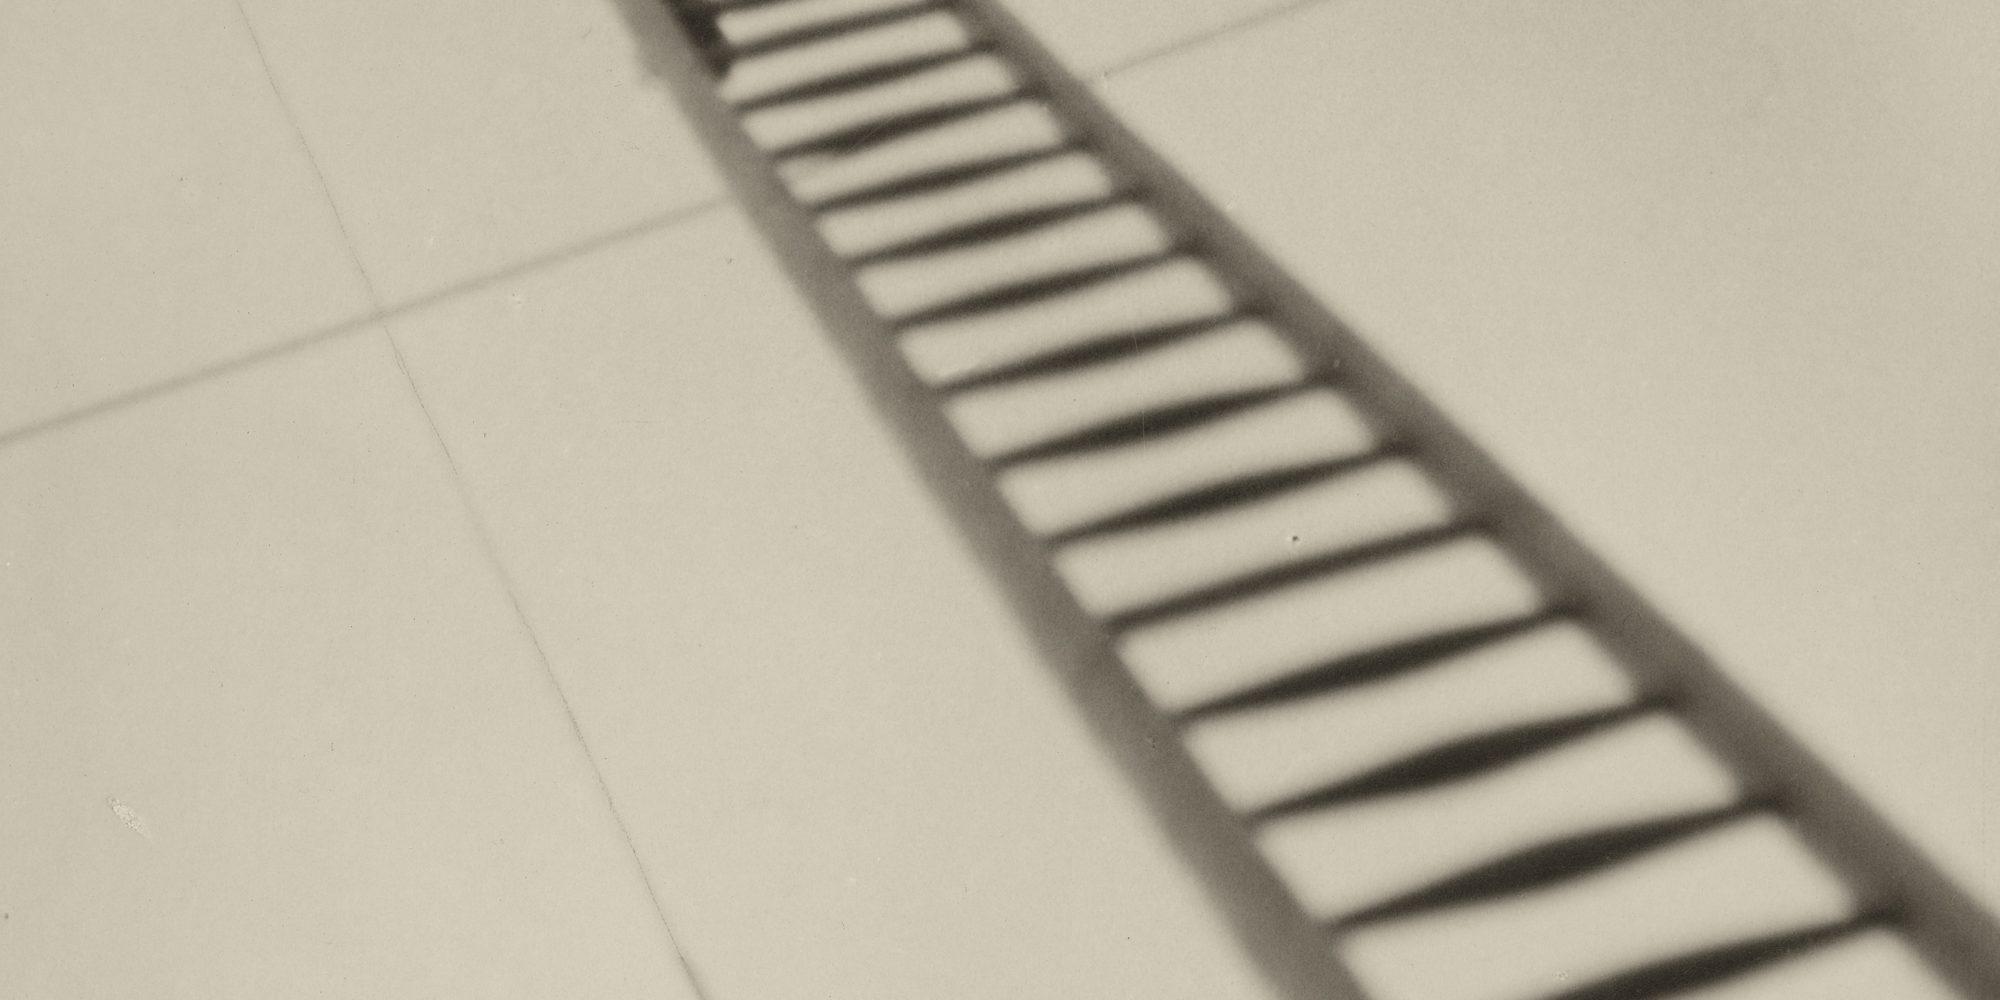 Aenne Biermann, Reparatur, ca. 1930/31, Silbergelatine-Abzug, 24,8 x 18 cm, Foto: Sibylle Forster, Stiftung Ann und Jürgen Wilde, Pinakothek der Moderne, München